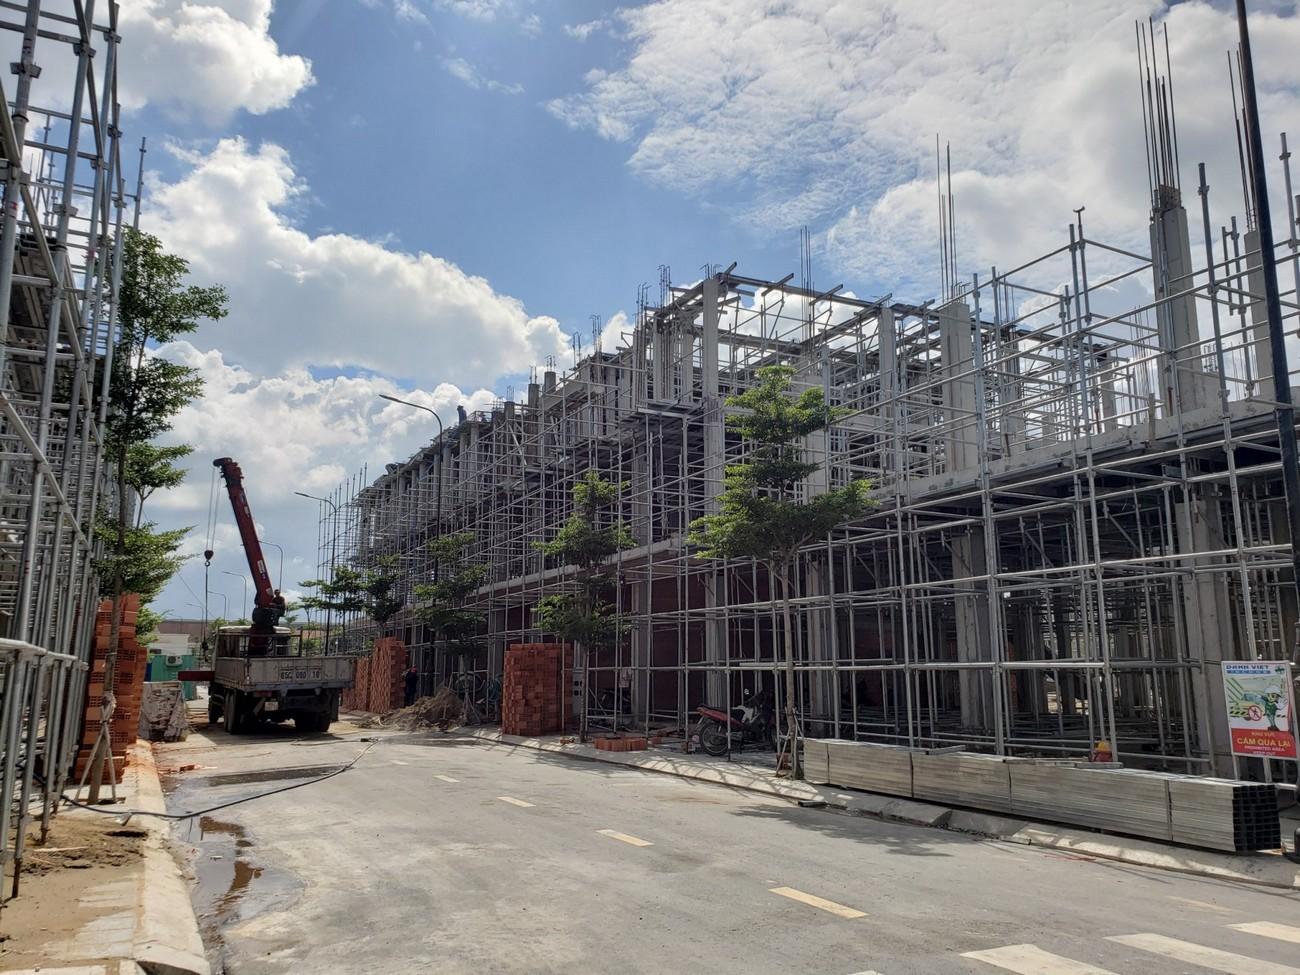 Tiến độ dự án đất nền nhà phố Icon Central Bình Dương 28/08/2020 chủ đầu tư Phú Hồng Thịnh